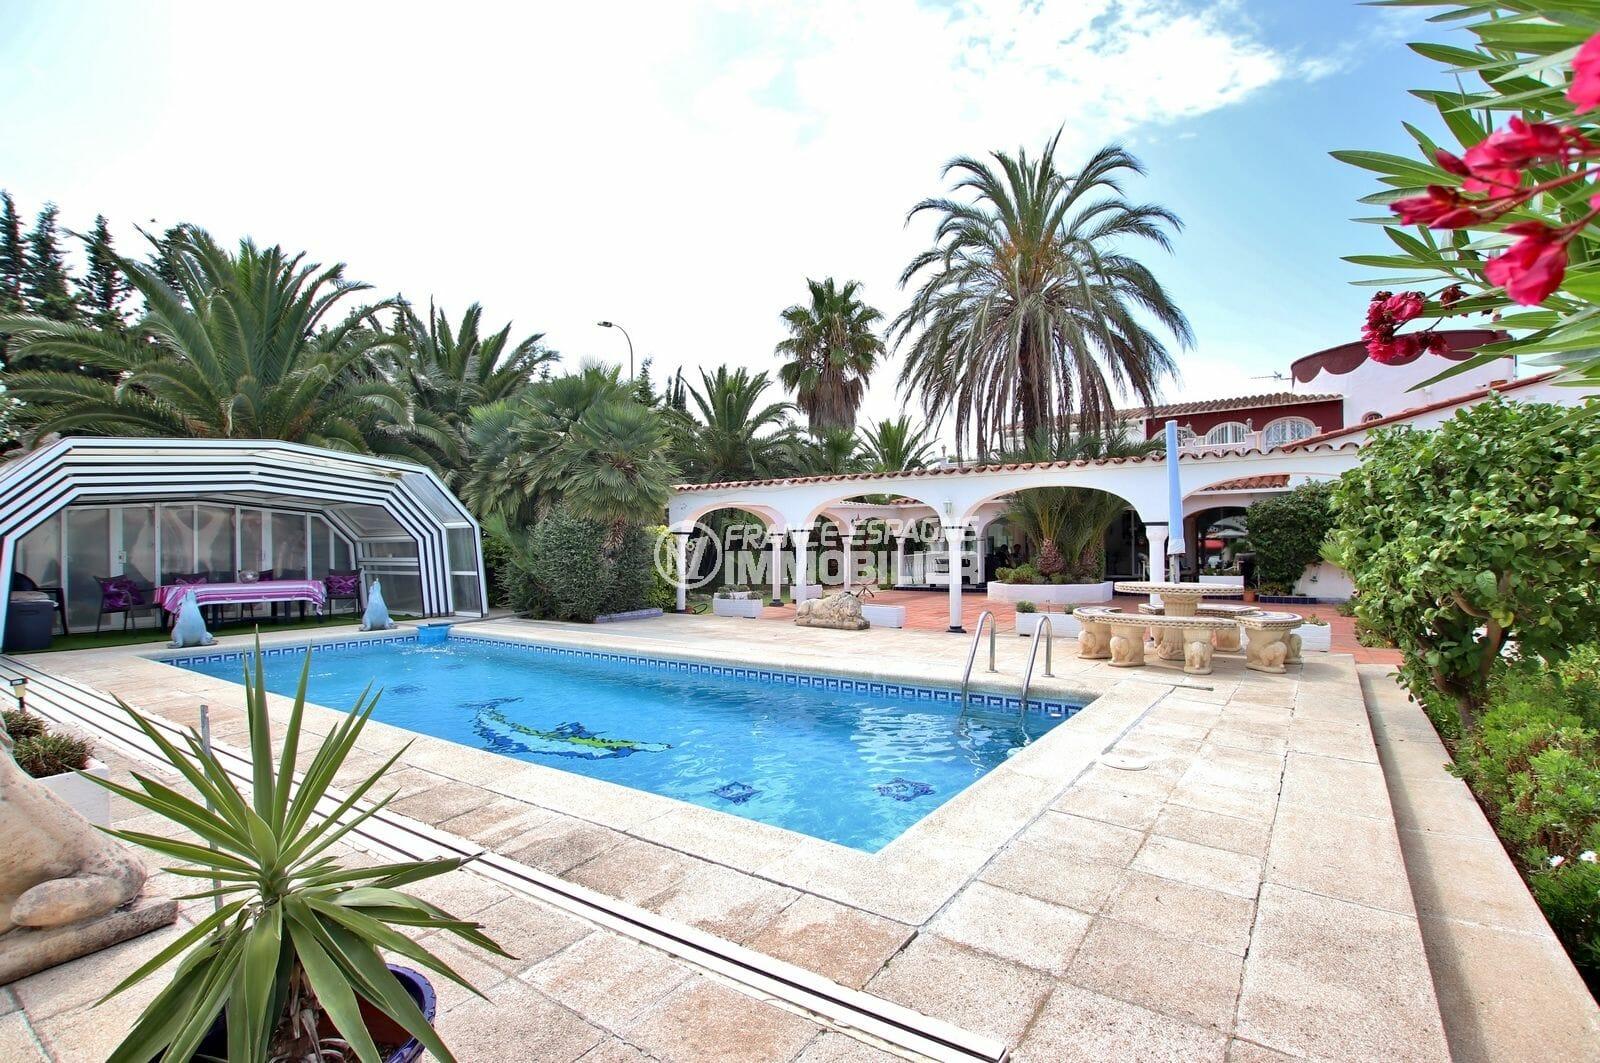 agence immobilière costa brava: villa 544 m², piscine de 9 m x 4 m avec abri pour l'hiver